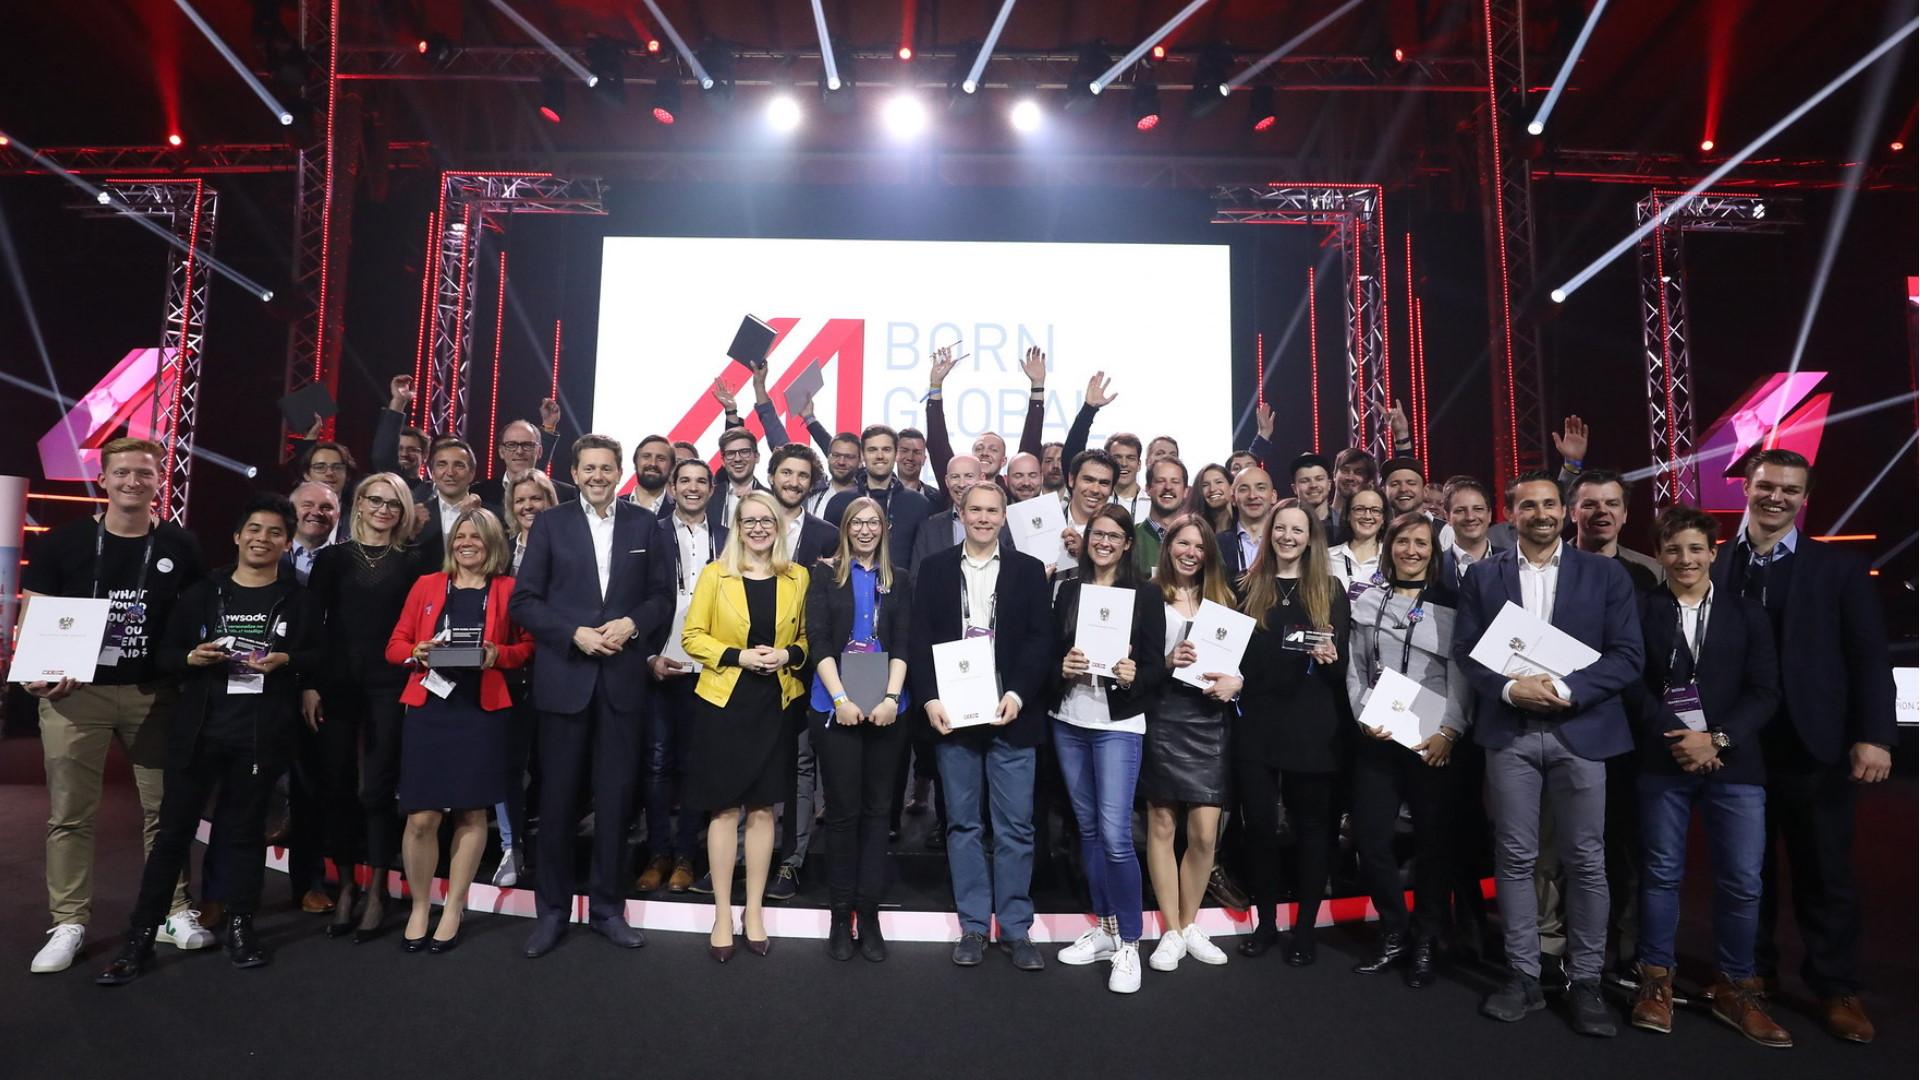 i2b-Blog-Österreichs-Startup-Szene-WKO-StartupNOW-AUSSENWIRTSCHAFT